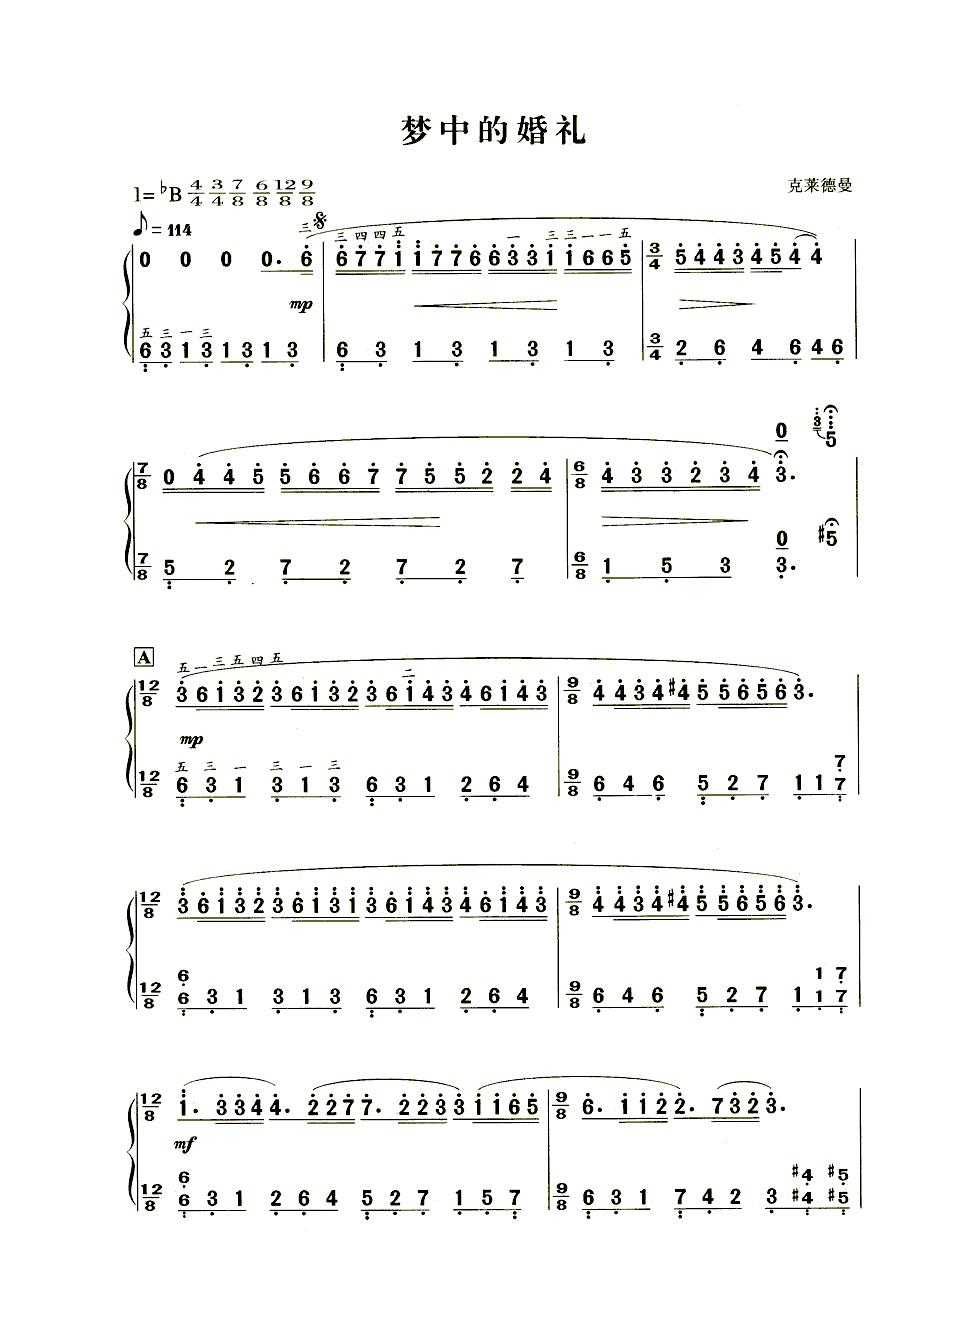 梦中的婚礼简朴完整版_梦中的婚礼钢琴简谱